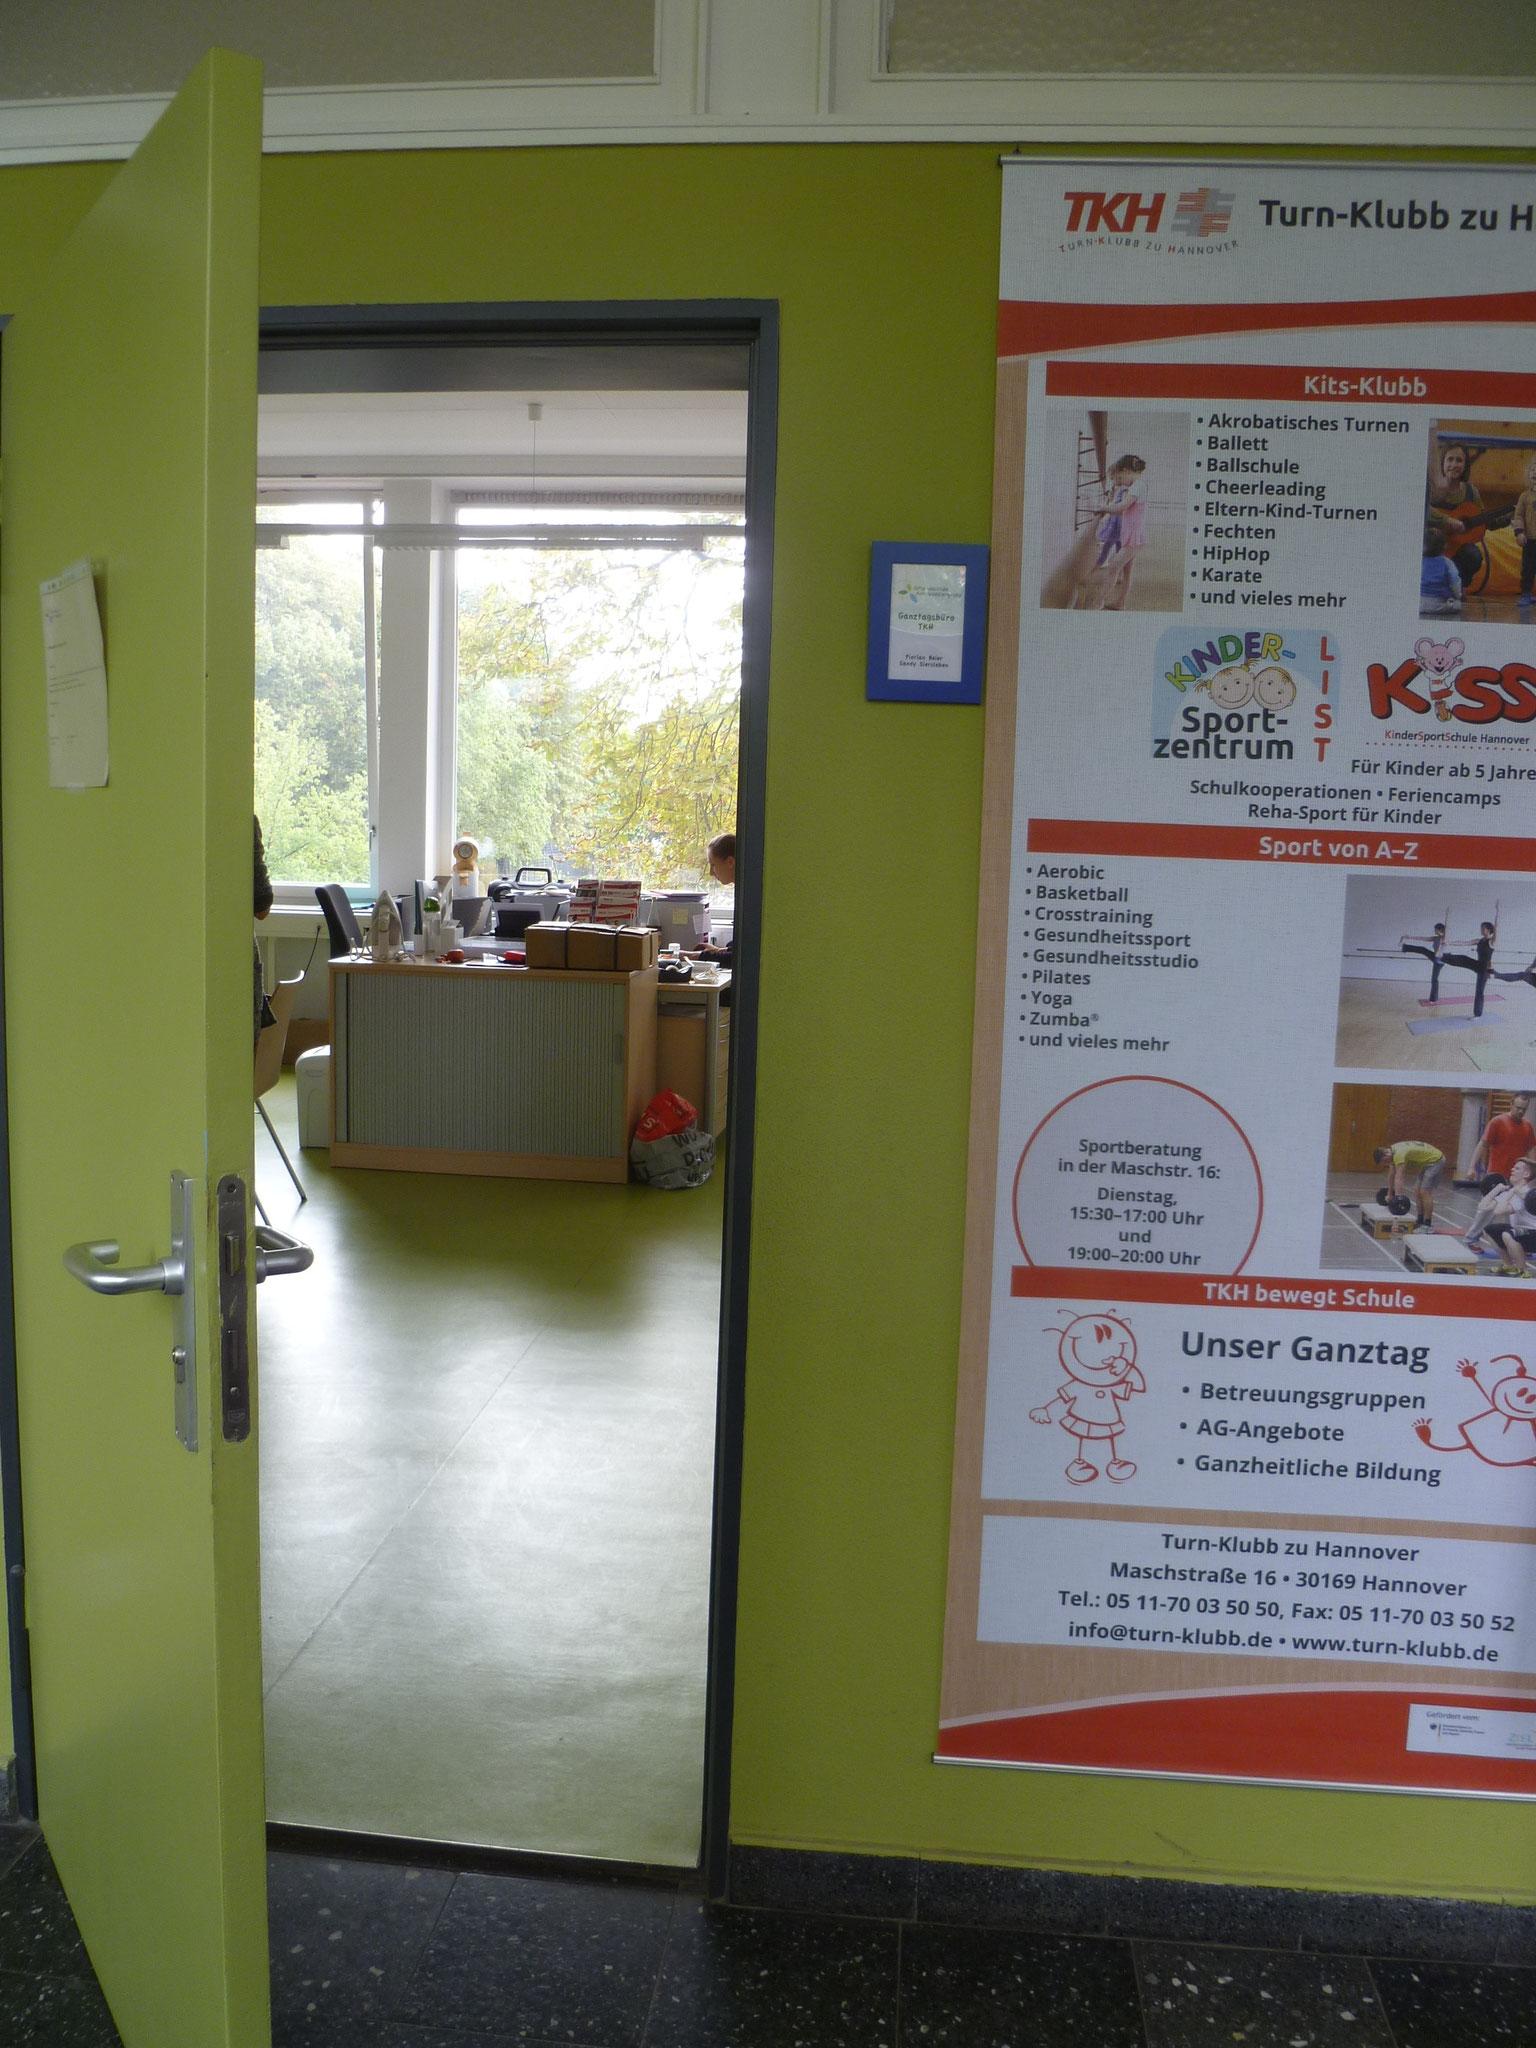 Das Büro des TKH findet man direkt gegenüber vom Verwaltungstrakt hinter der 1. Tür.